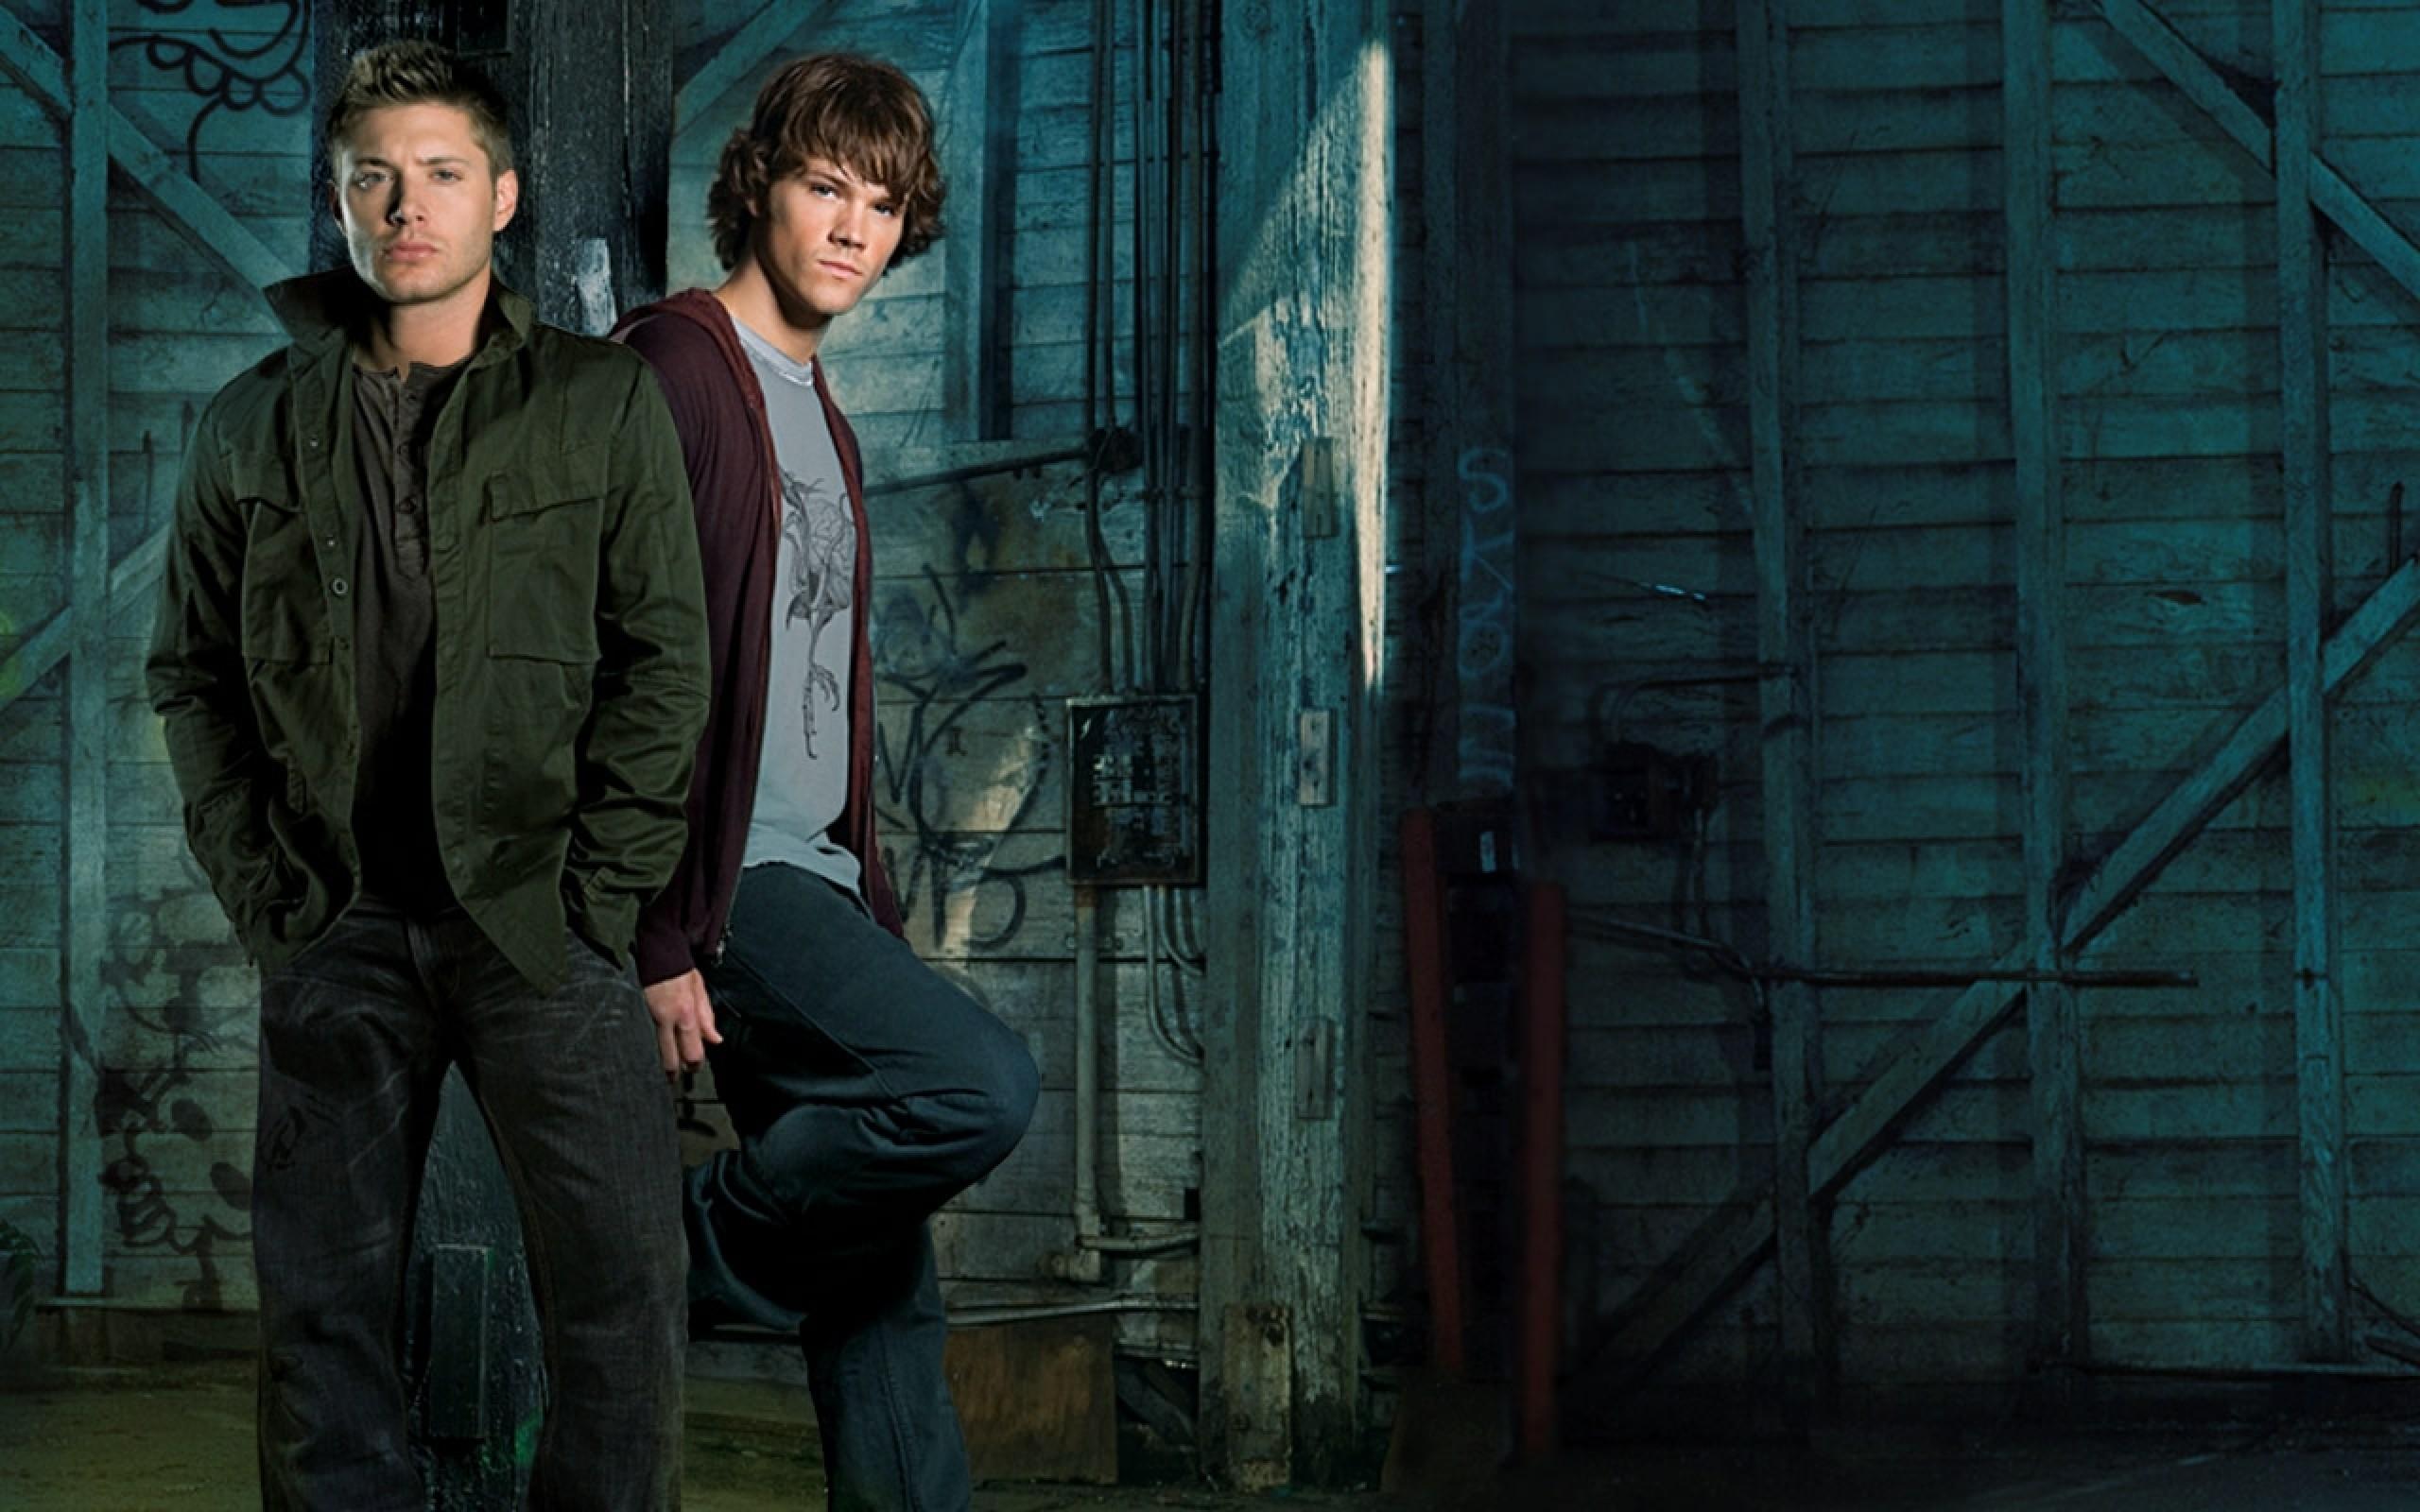 supernatural jensen ackles jared padalecki tv series 1280×1024 wallpaper  Art HD Wallpaper